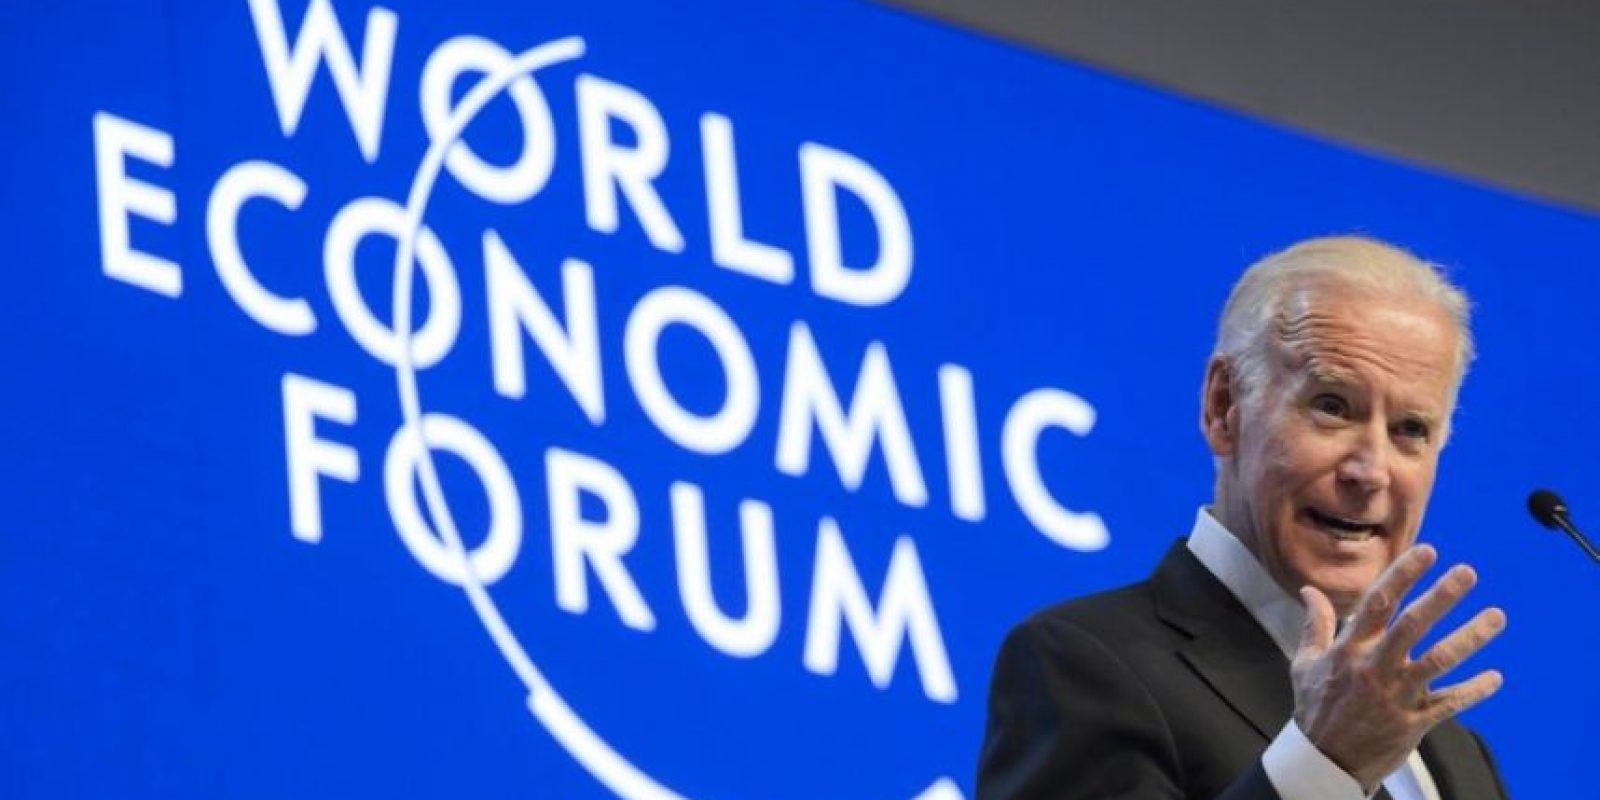 Participan alrededor de dos mil 500 participantes de más de 100 países, incluyendo 40 jefes de Estado. Foto:AFP